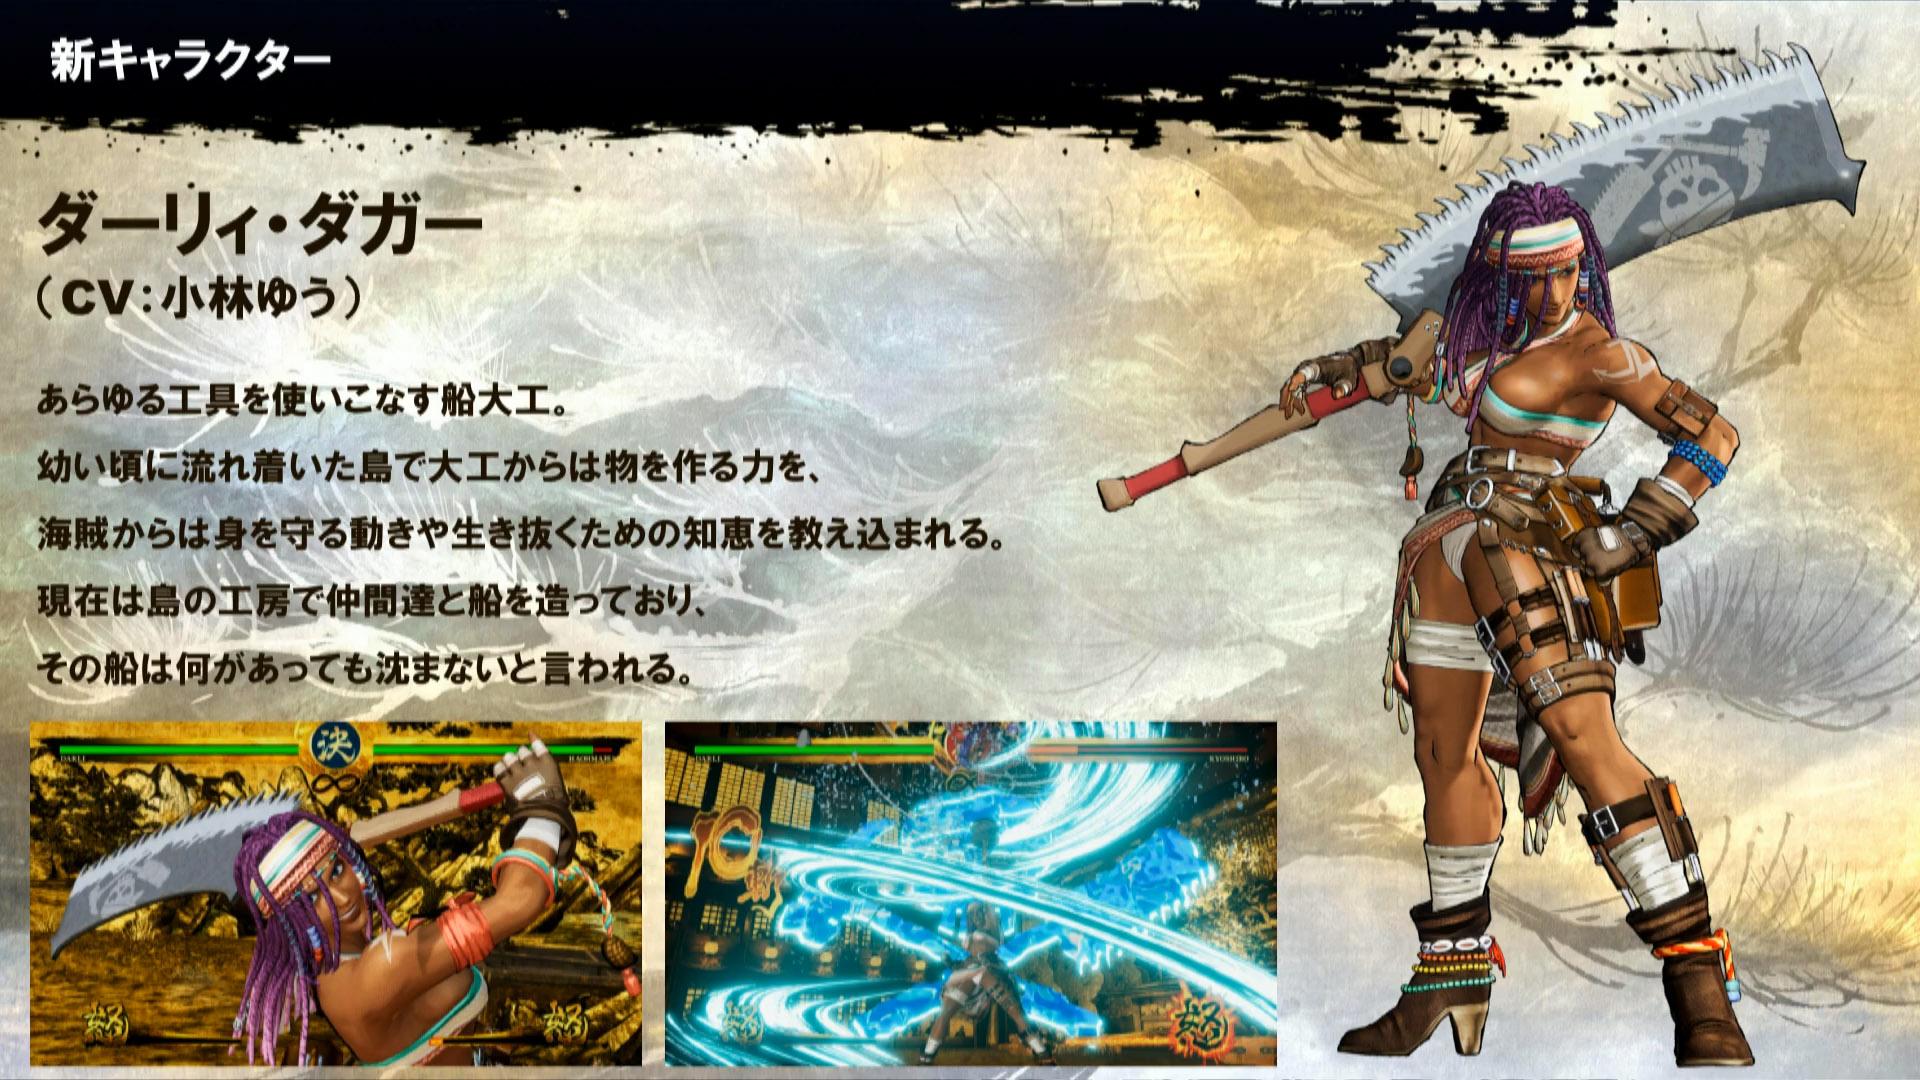 SamuraiShodown PS4 News 022